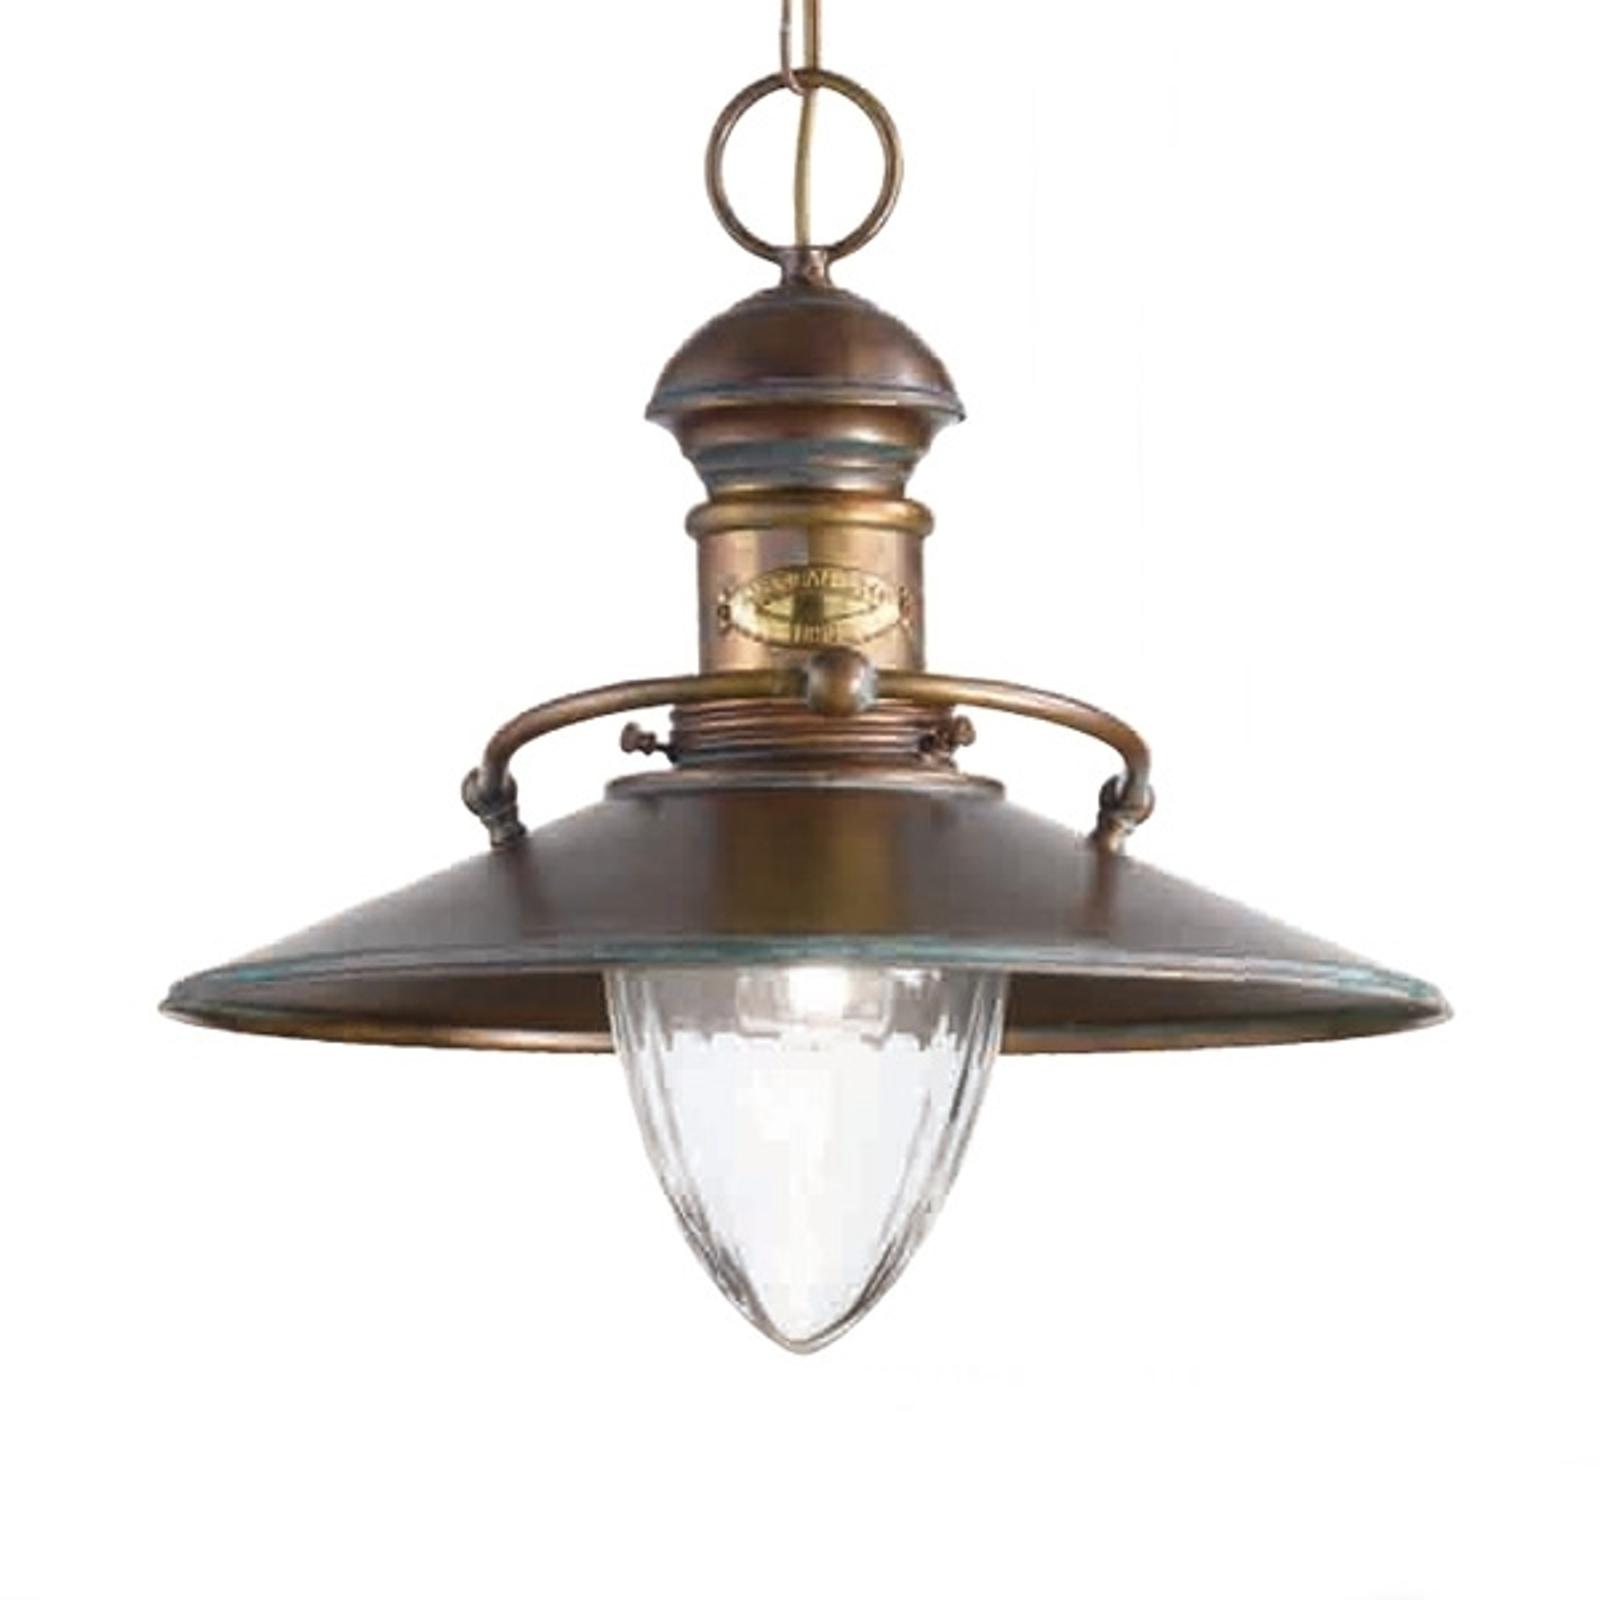 Antieke hanglamp Scia gebruind groen